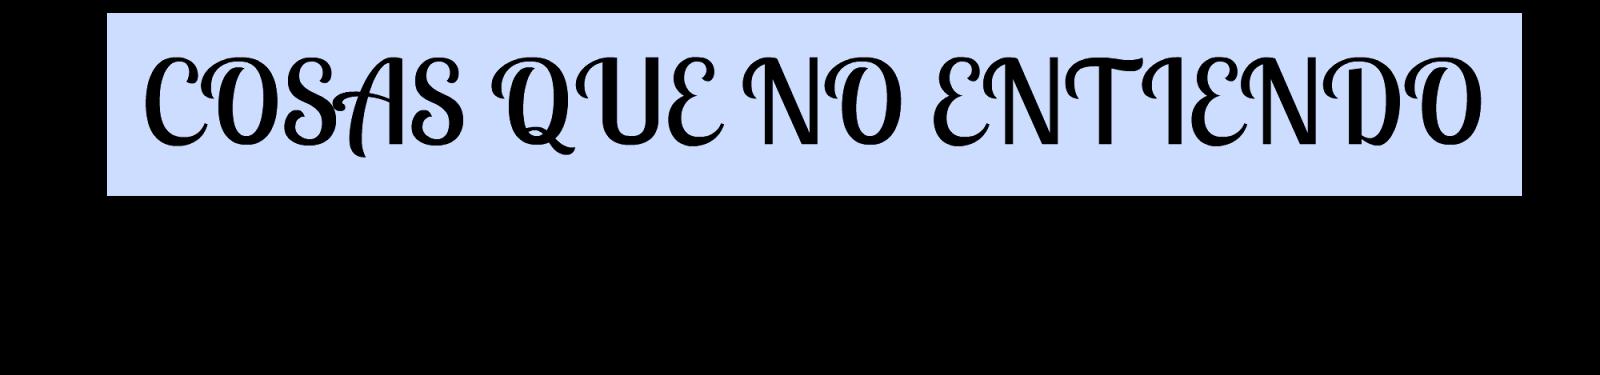 NO ENTIENDO POR QUÉ - Edición Literaria